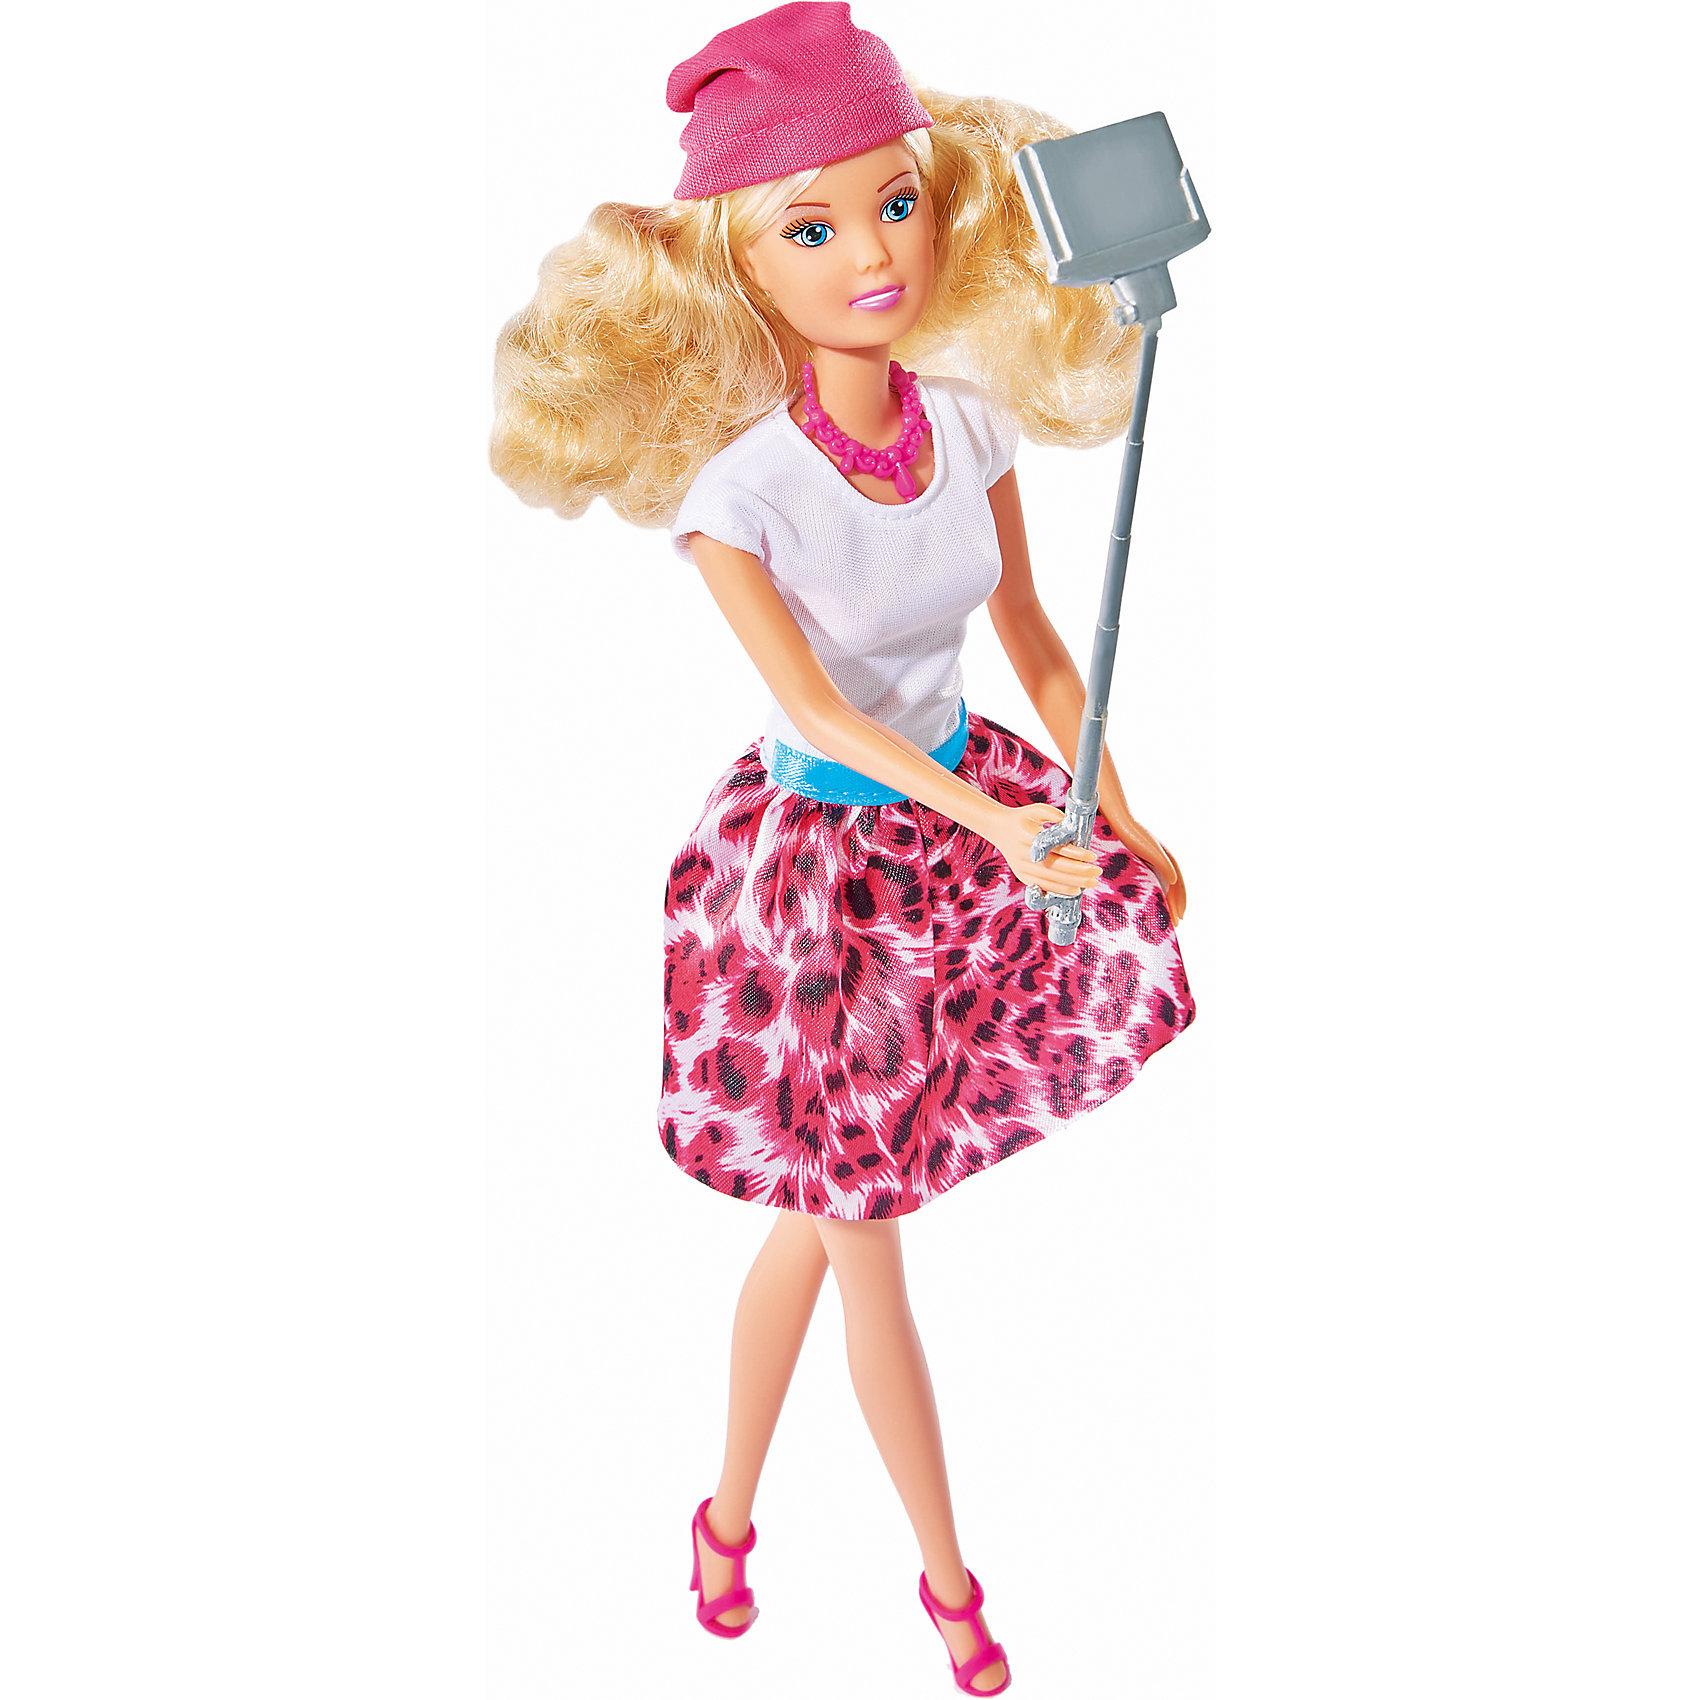 Кукла Штеффи с селфи палкой, 29 см, SimbaБренды кукол<br>Характеристики товара:<br><br>- цвет: разноцветный;<br>- материал: пластик;<br>- возраст: от трех лет;<br>- комплектация: кукла, аксессуары;<br>- высота куклы: 29 см.<br><br>Эта симпатичная кукла Штеффи от известного бренда не оставит девочку равнодушной! Какая девочка сможет отказаться поиграть с куклами, которые дополнены набором в виде палки для селфи и фотоаппарата?! В набор входит одежда для куклы. Игрушка очень качественно выполнена, поэтому она станет замечательным подарком ребенку. <br>Продается набор в красивой удобной упаковке. Игры с куклами помогают девочкам развить важные навыки и отработать модели социального взаимодействия. Изделие произведено из высококачественного материала, безопасного для детей.<br><br>Куклу Штеффи с селфи палкой, 29 см, от бренда Simba можно купить в нашем интернет-магазине.<br><br>Ширина мм: 45<br>Глубина мм: 325<br>Высота мм: 95<br>Вес г: 100<br>Возраст от месяцев: 36<br>Возраст до месяцев: 120<br>Пол: Женский<br>Возраст: Детский<br>SKU: 5119529